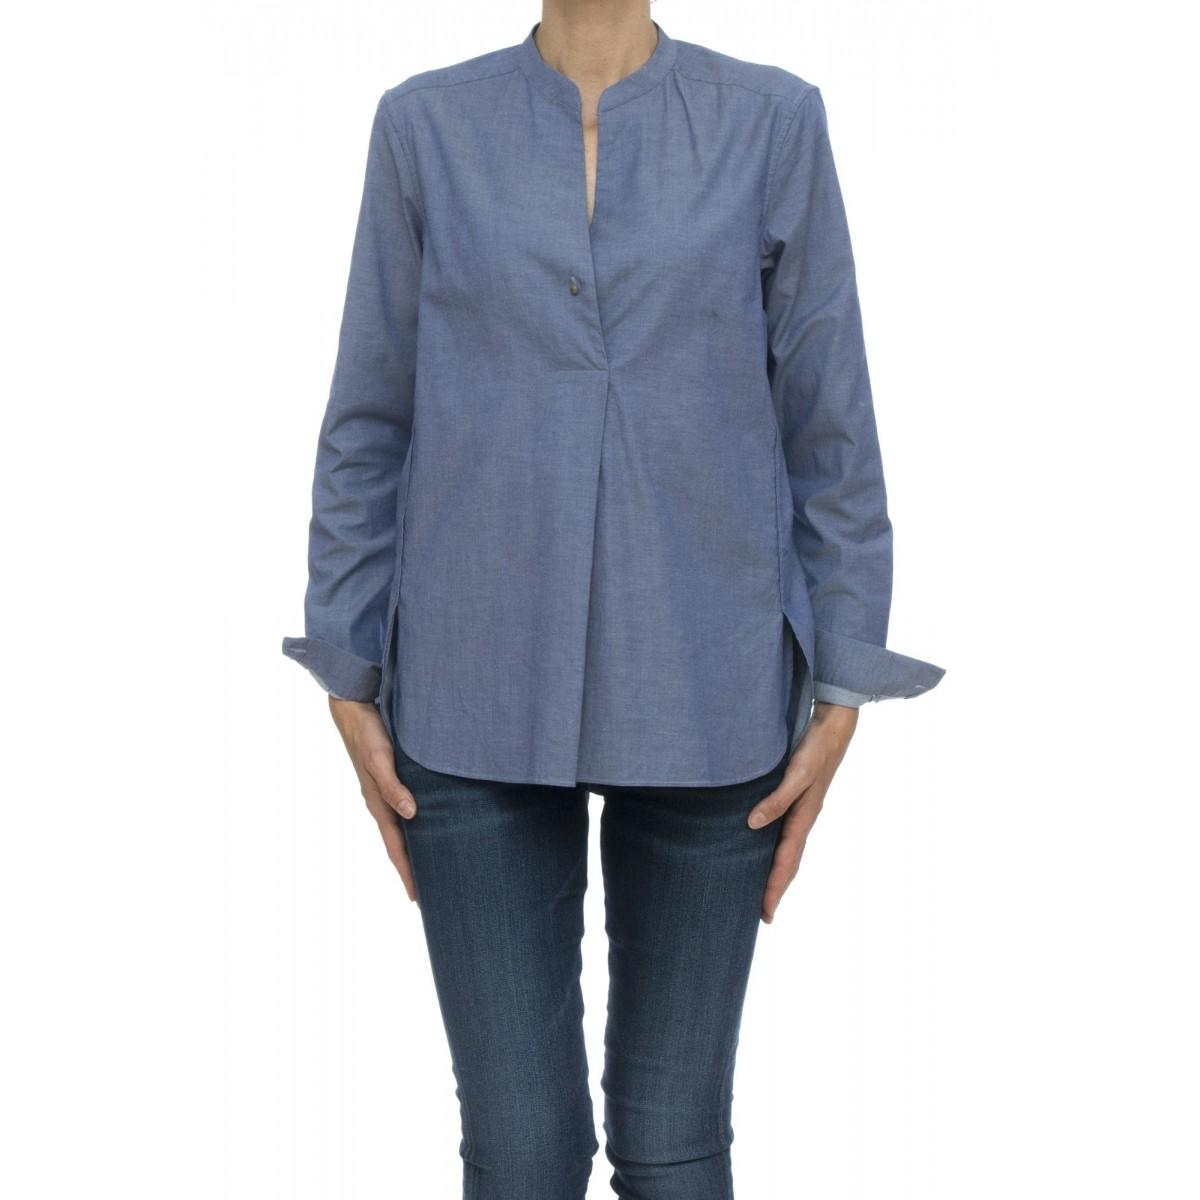 Camicia donna - Sb rxf